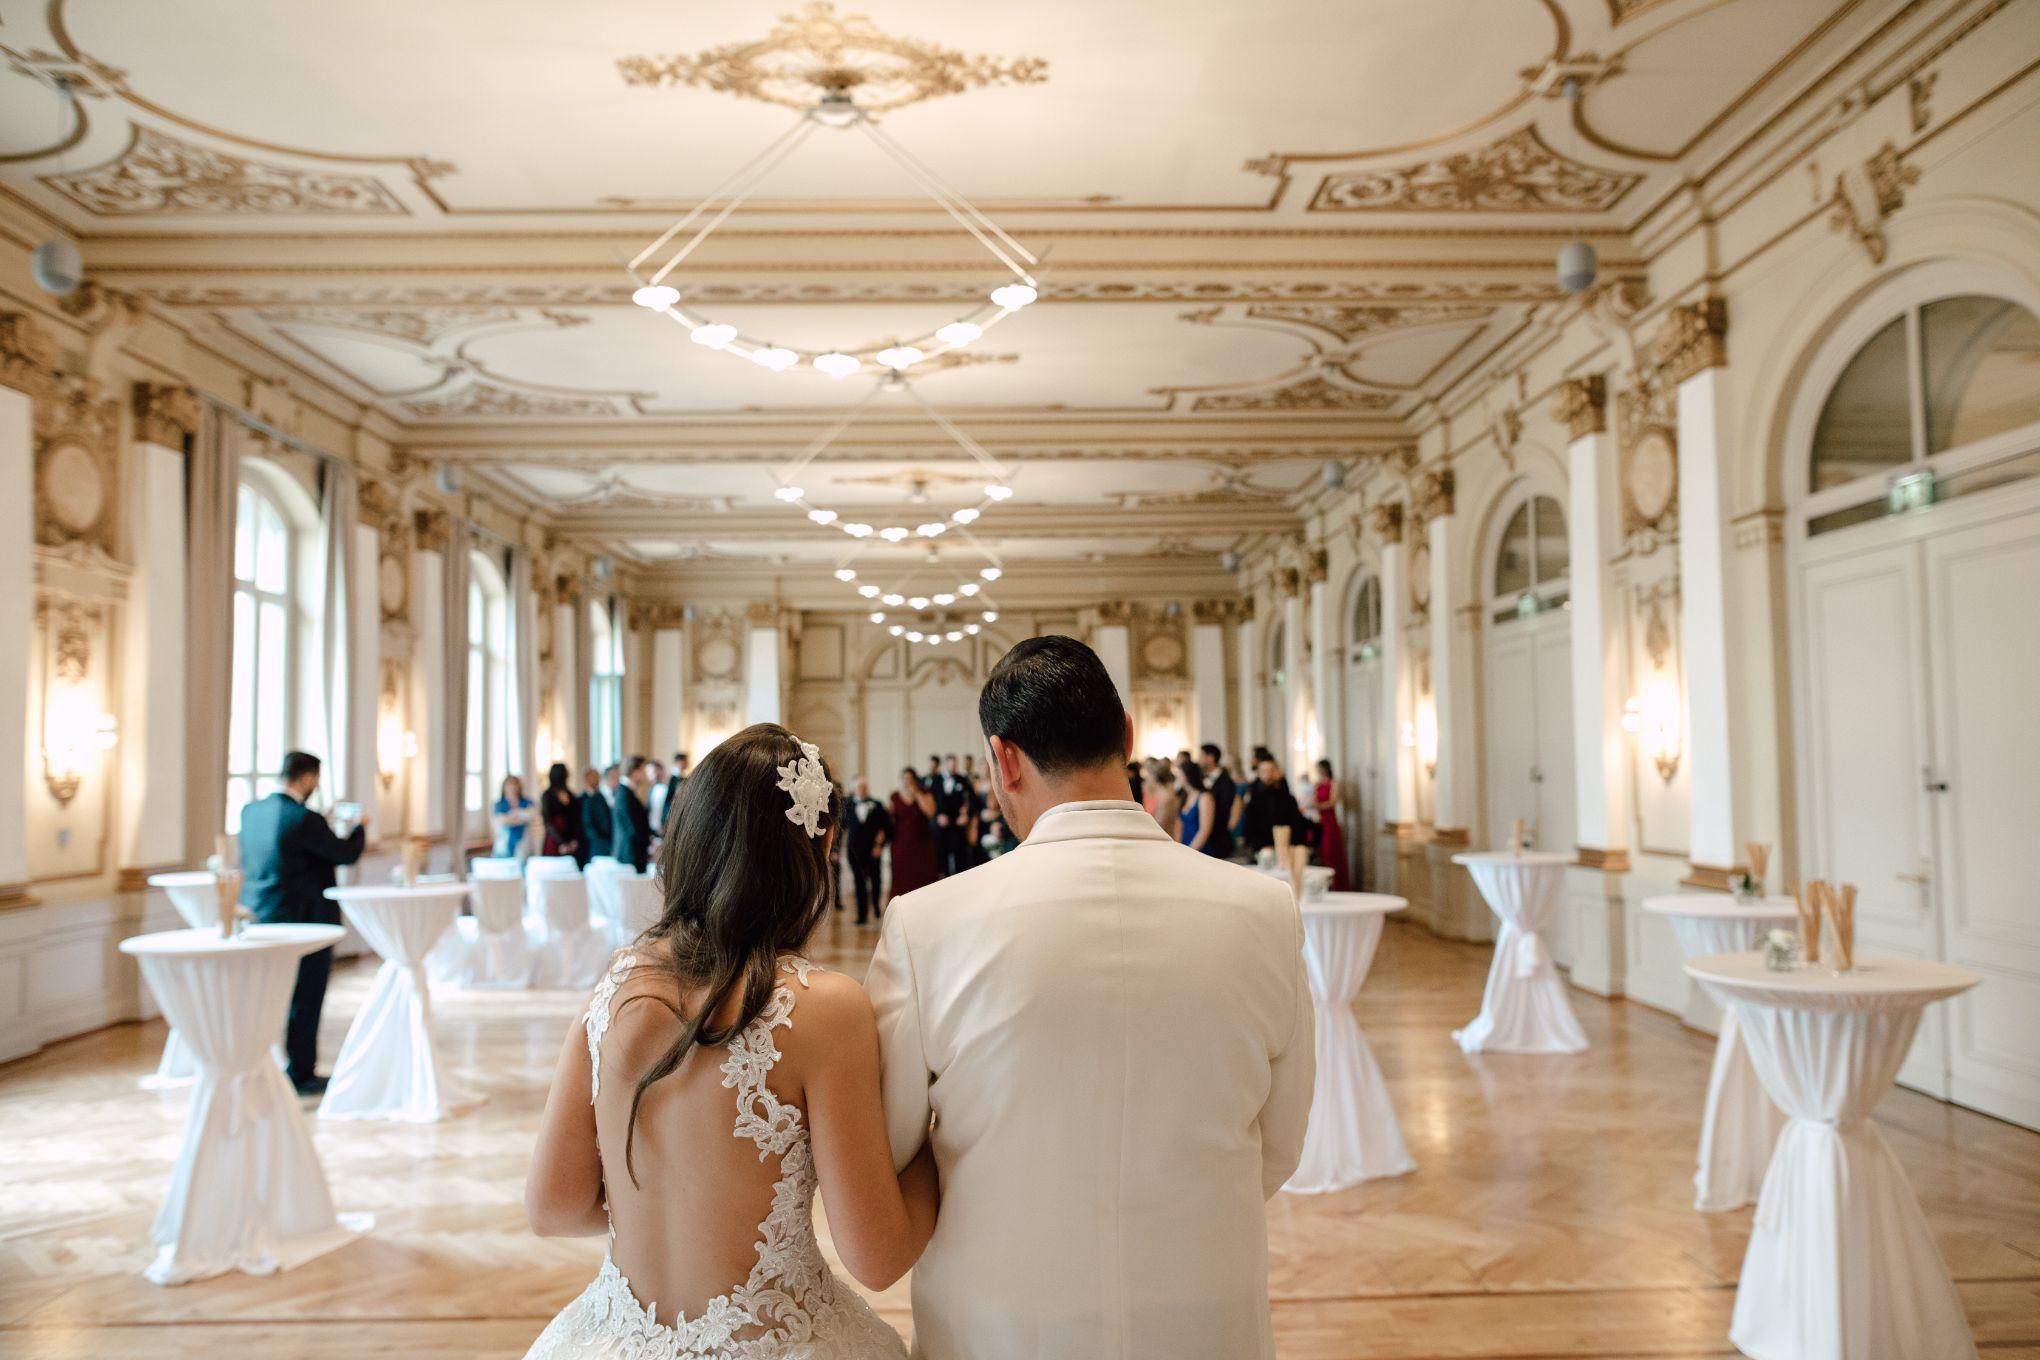 Historische-Stadthalle-Wuppertal-Hochzeit-The-Saums-KN-3-144.jpg